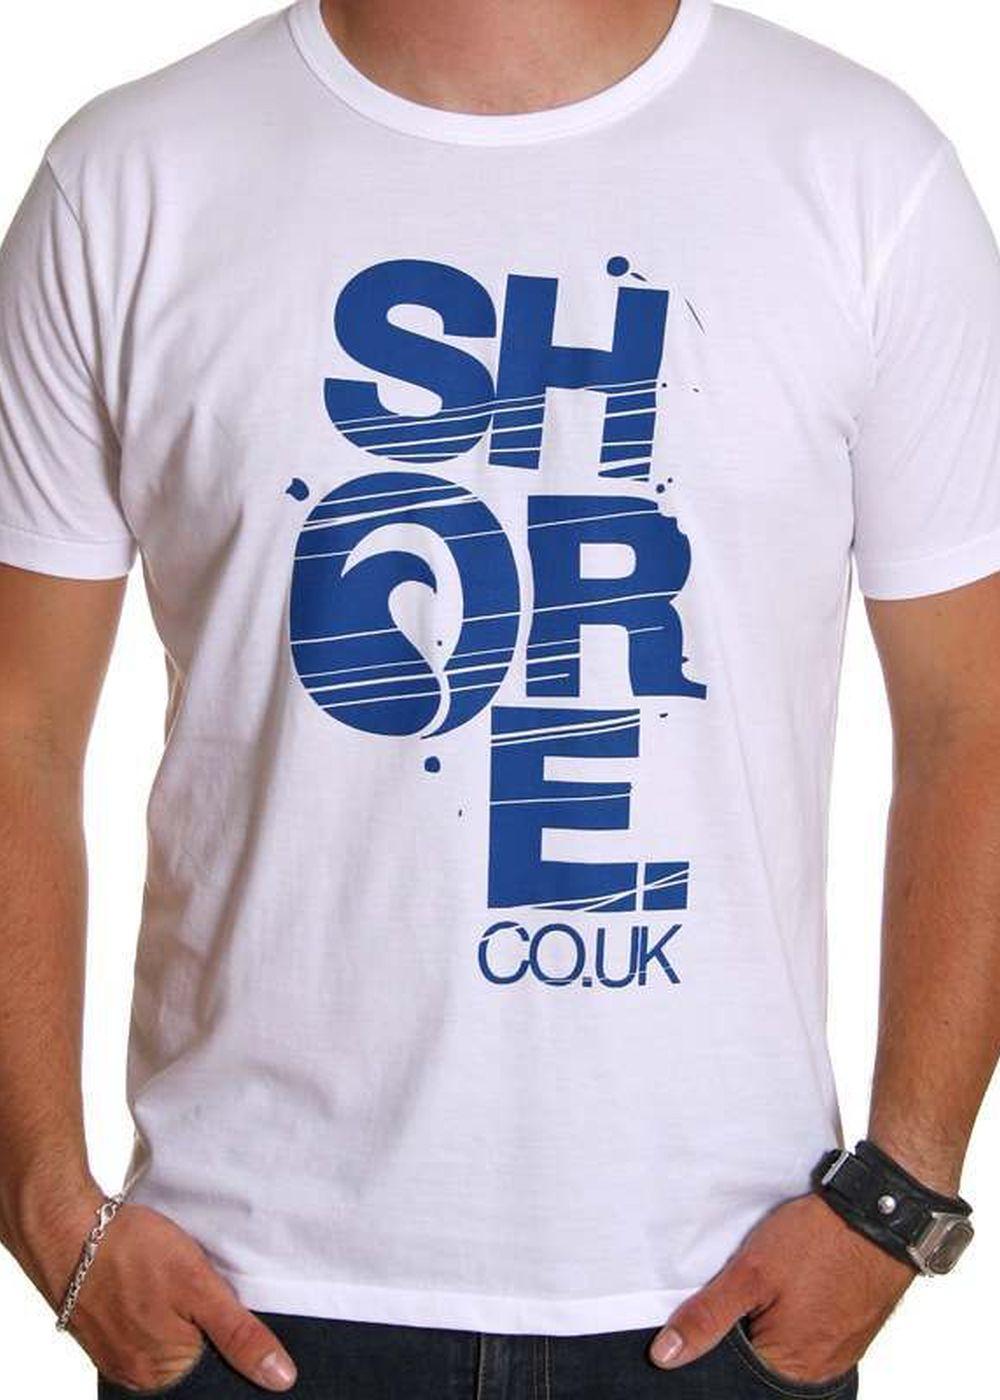 http://www.shore.co.uk/media/catalog/product/S/H/SHORETWBa.jpg